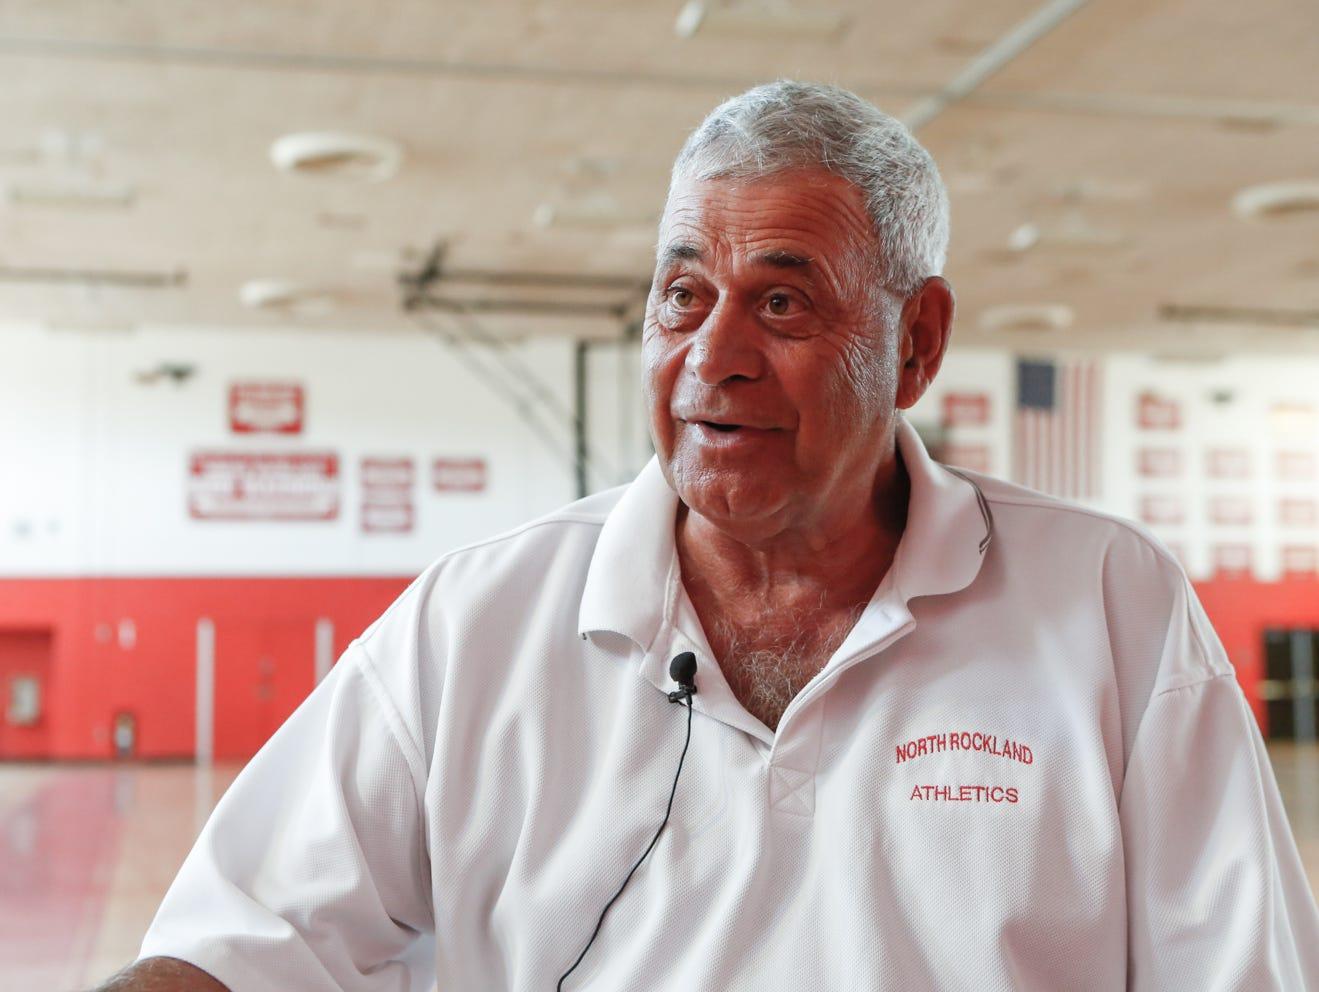 North Rockland Athletic Director Joe Casarella